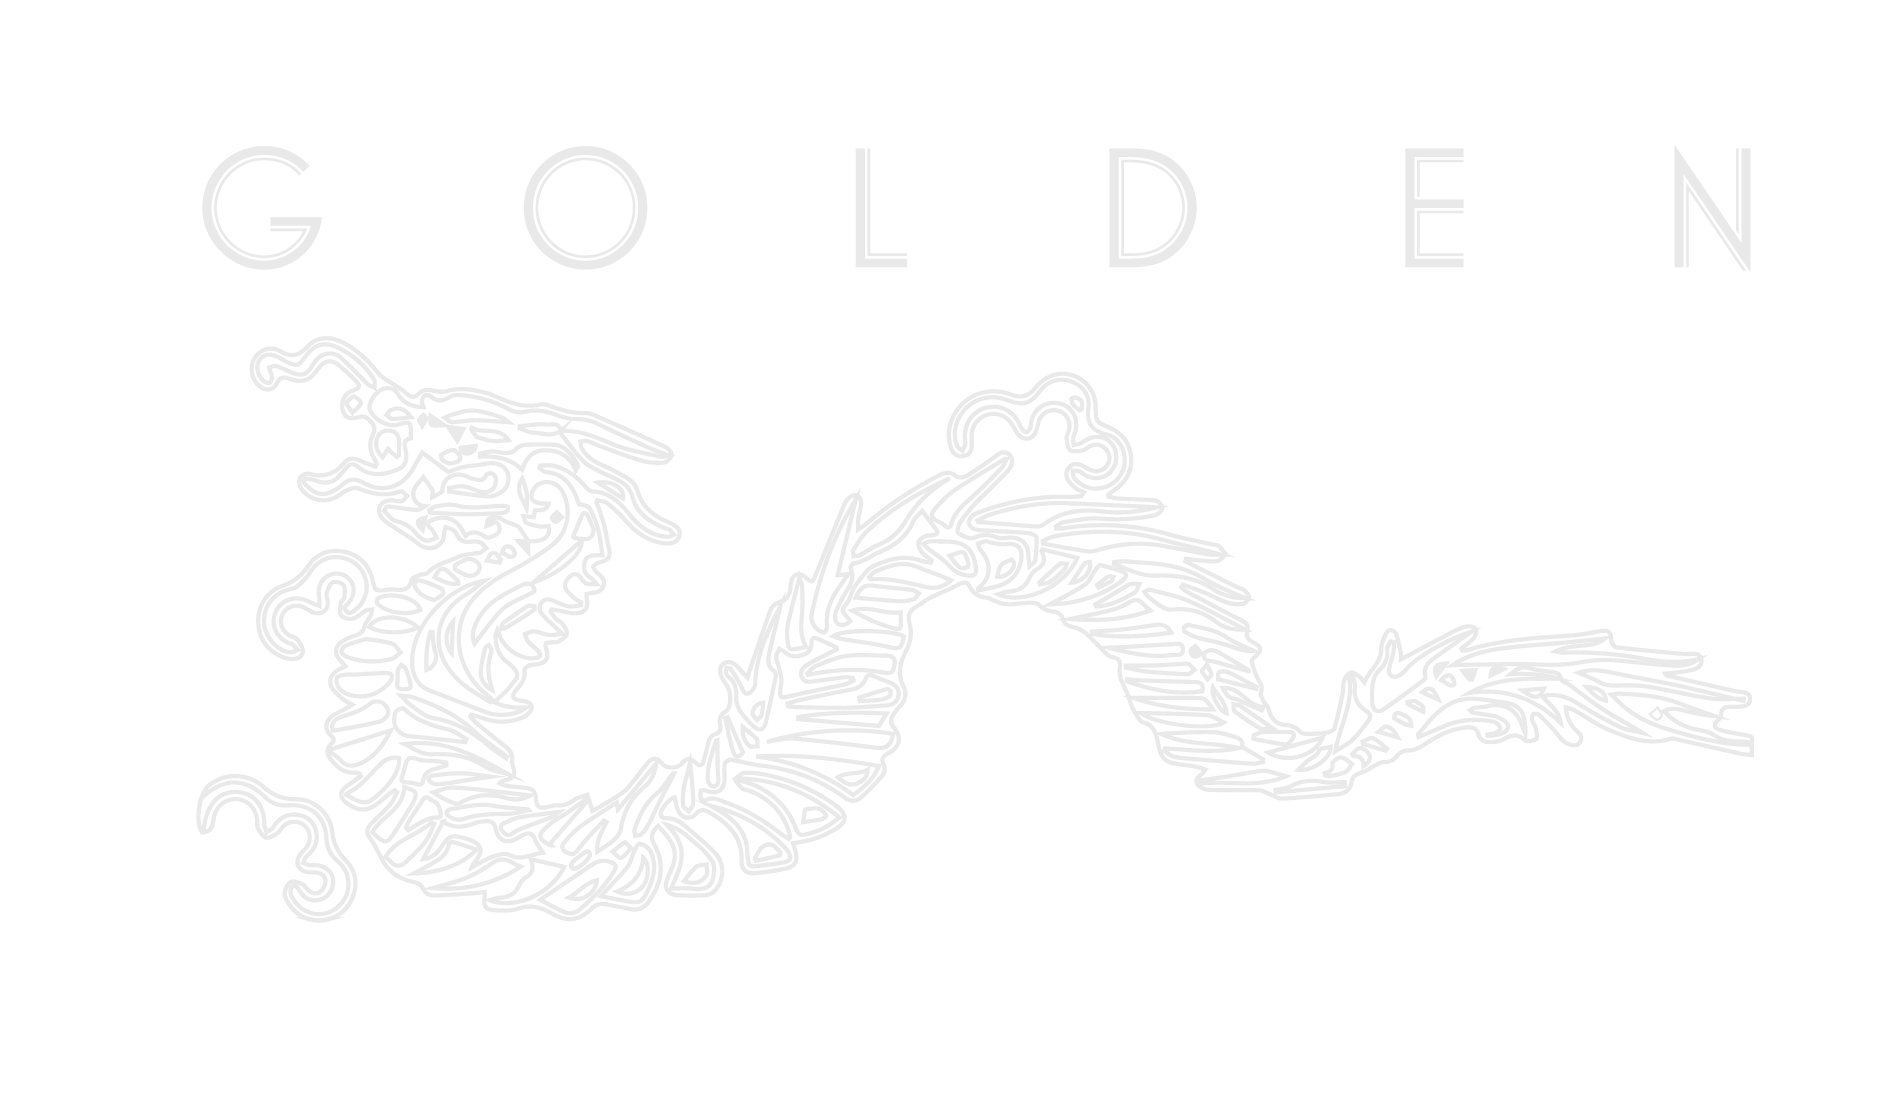 ダナン,レストラン,中華料理,中華,飲茶,おすすめ,人気,ブログ,予約,The Golden Restaurant,ザ・ゴールデン・レストラン,ゴールデンレストラン